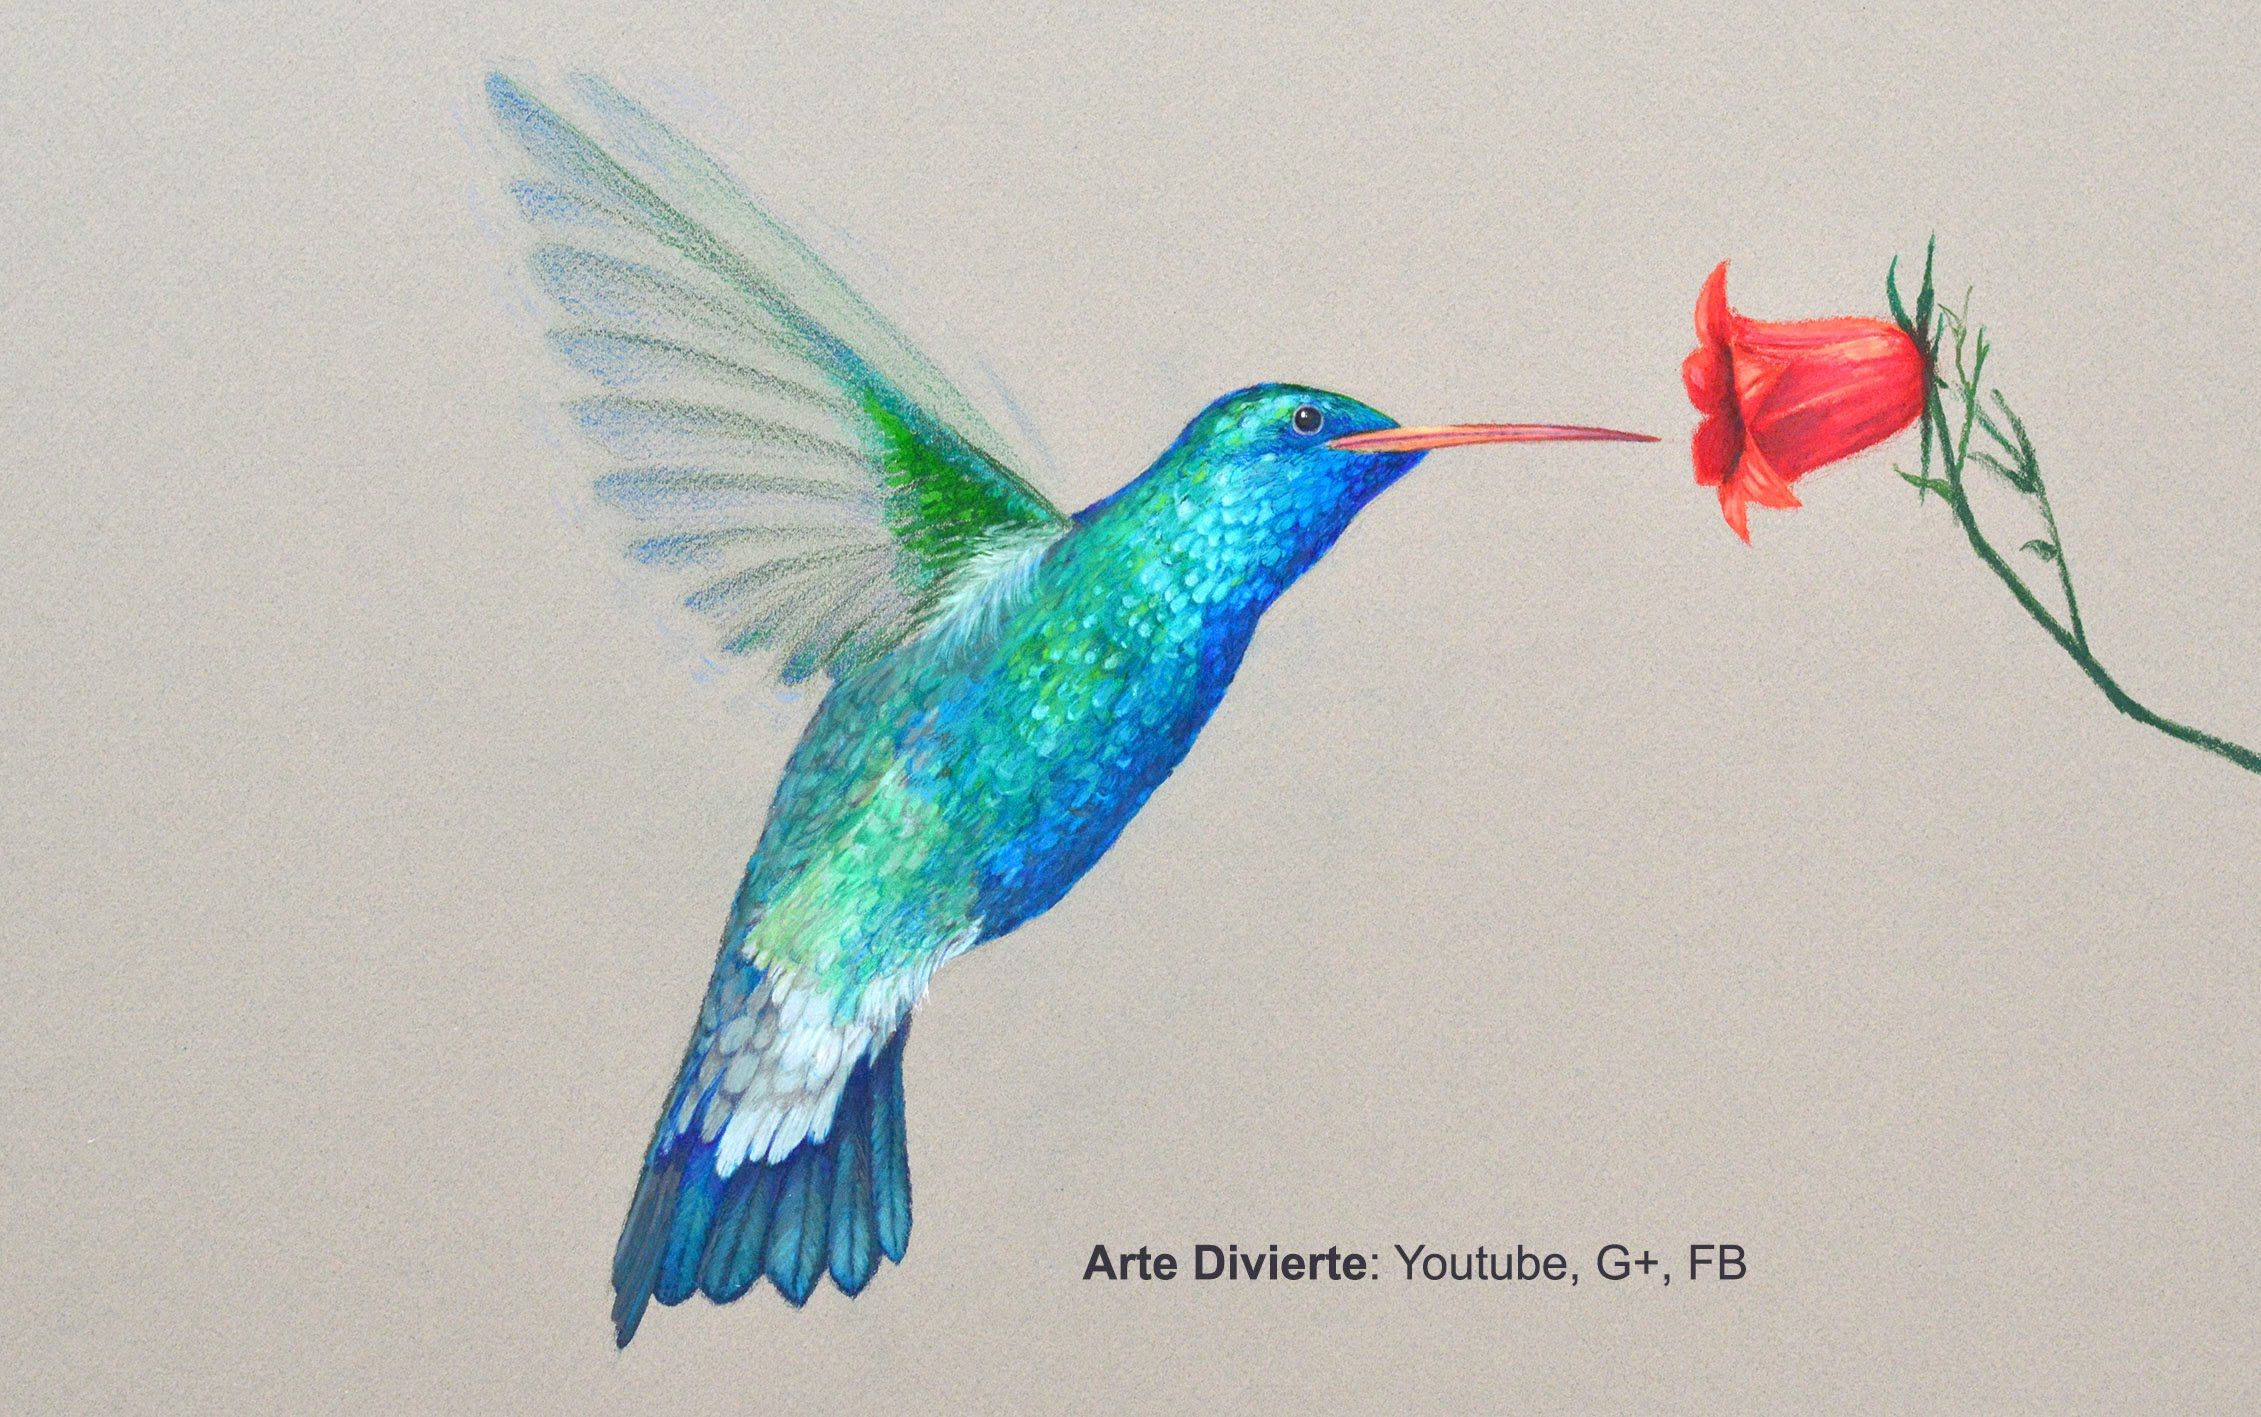 Cómo dibujar un colibrí con lápices de colores - Arte Divierte ...